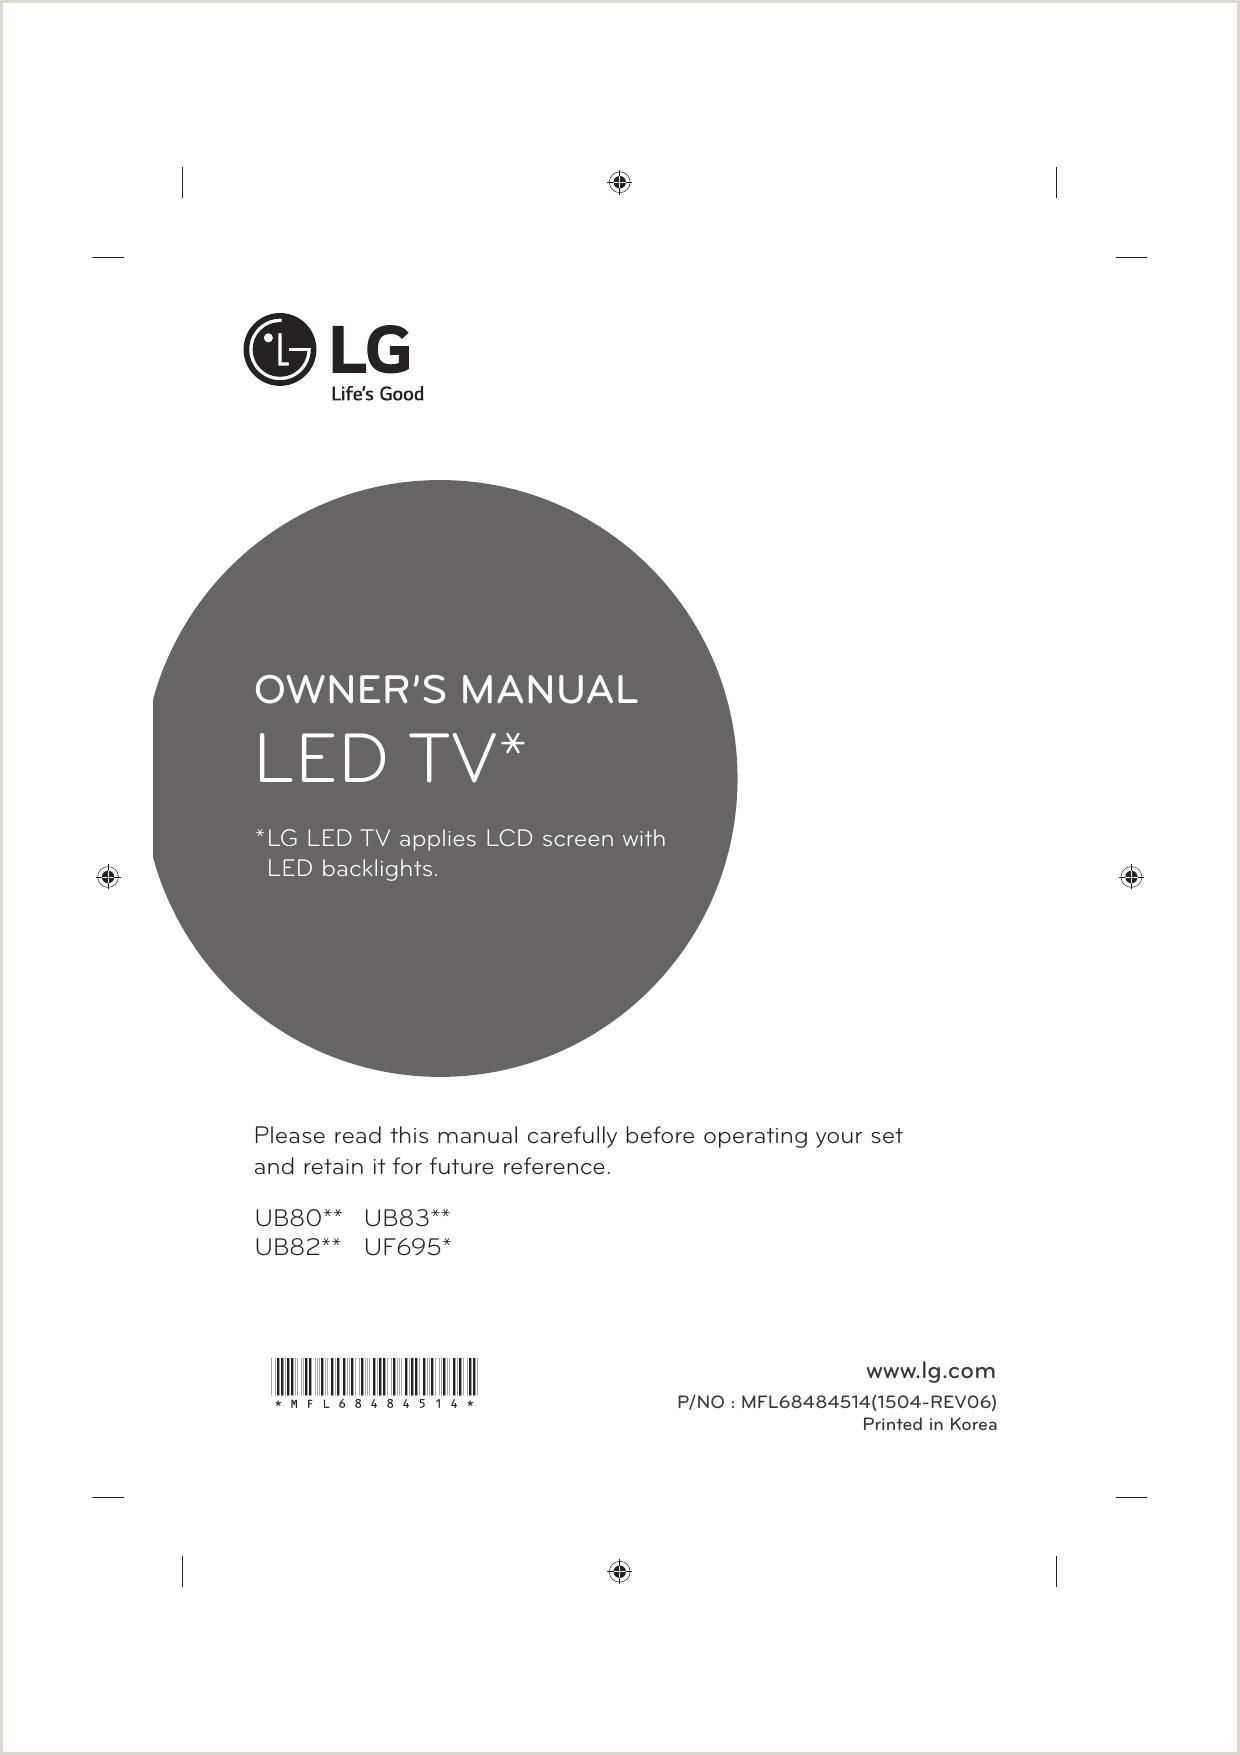 LG 49UF695V 55UF695V Εγχειρίδιο ΧρΠσης